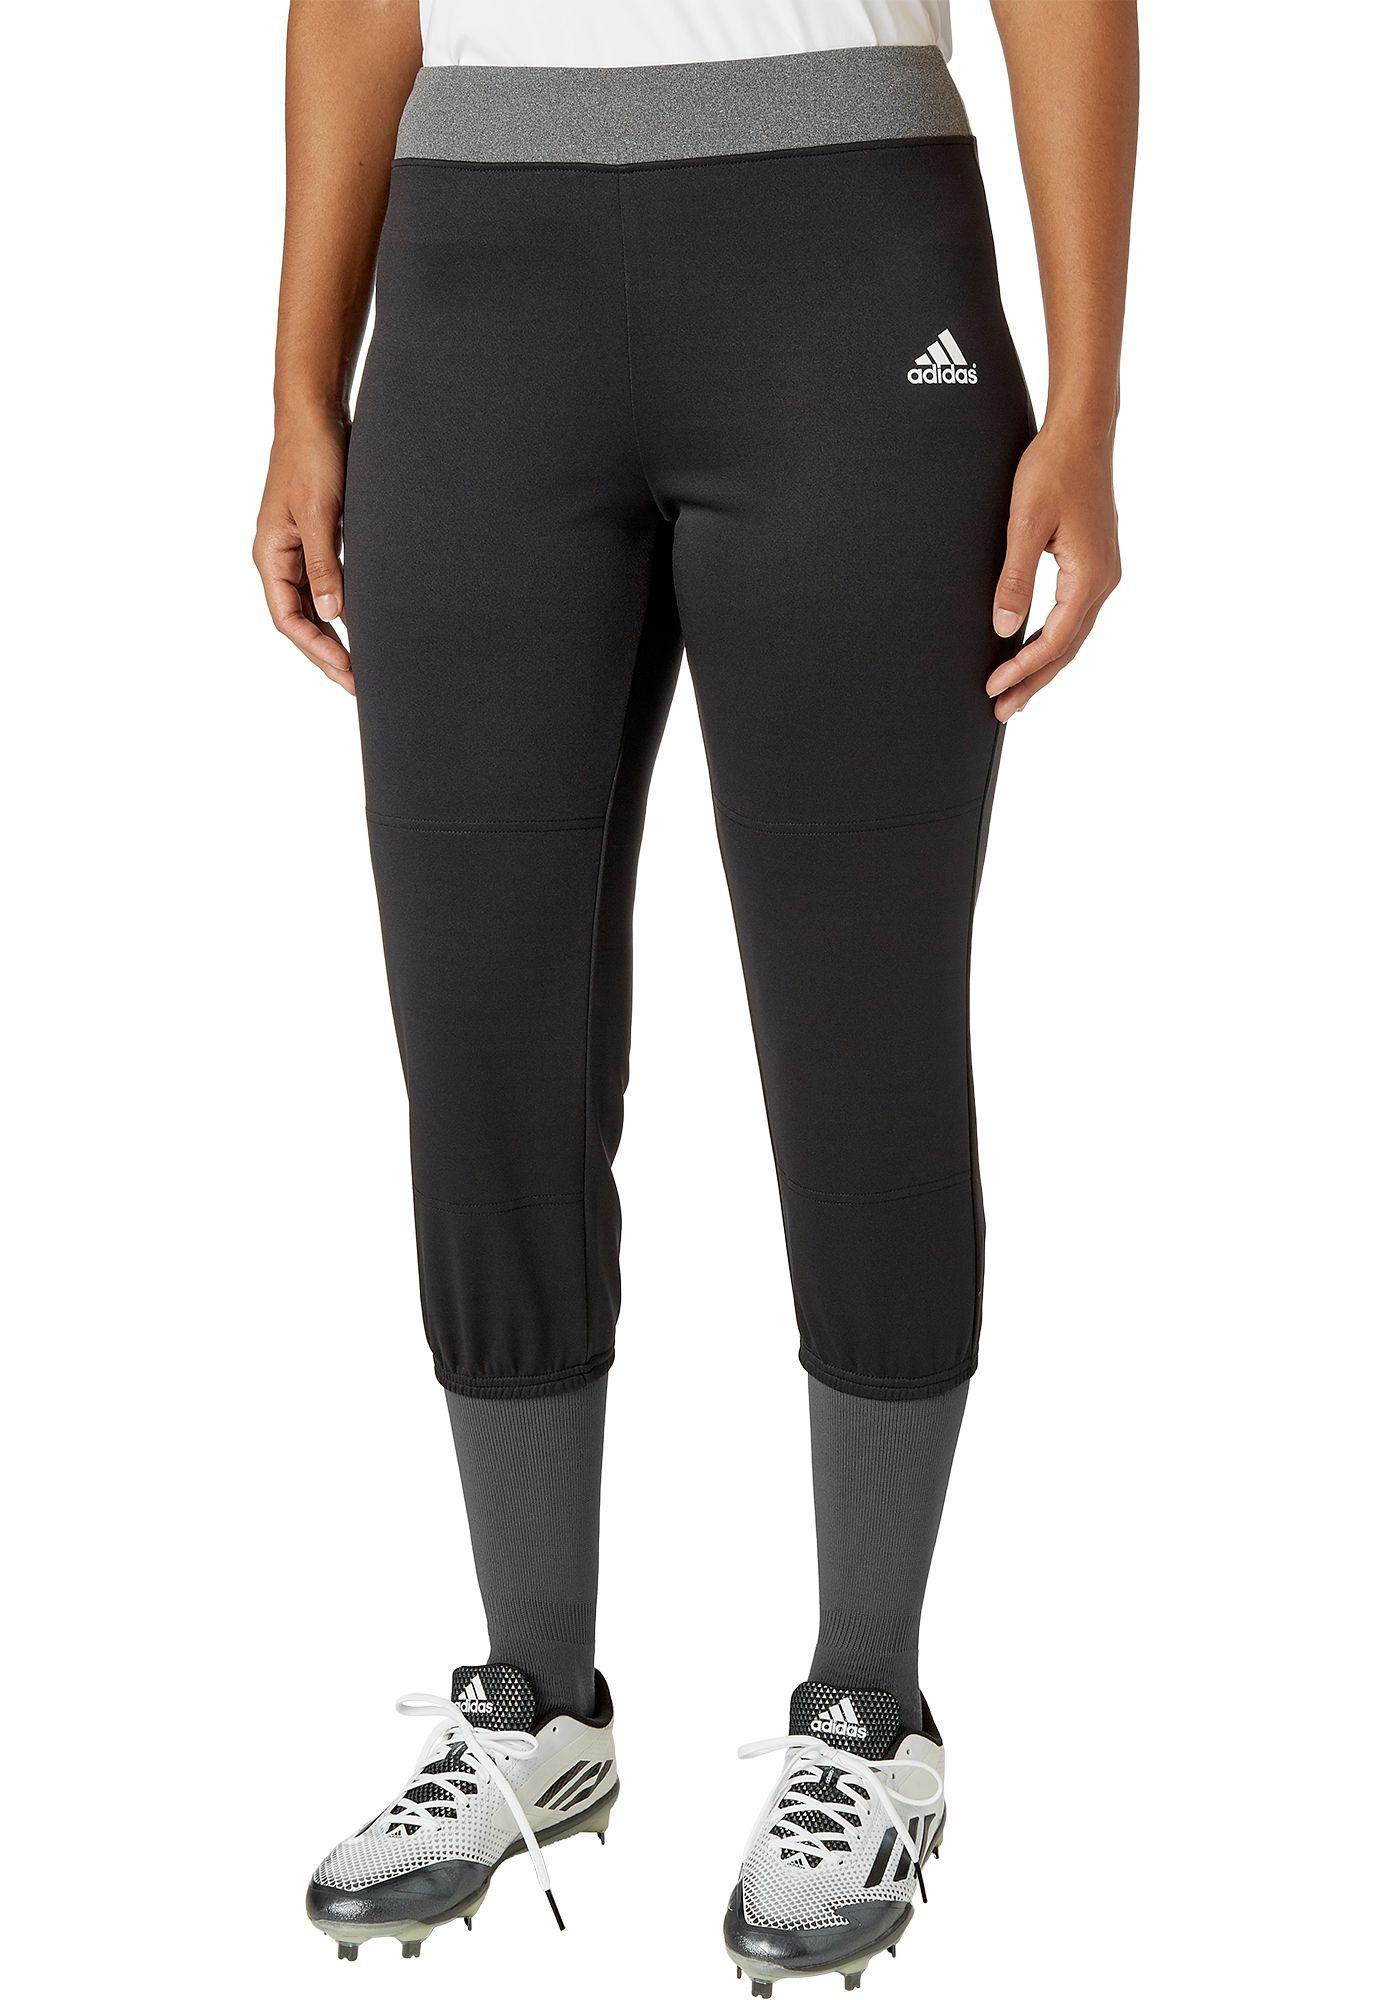 adidas Women's Knit Softball Pants